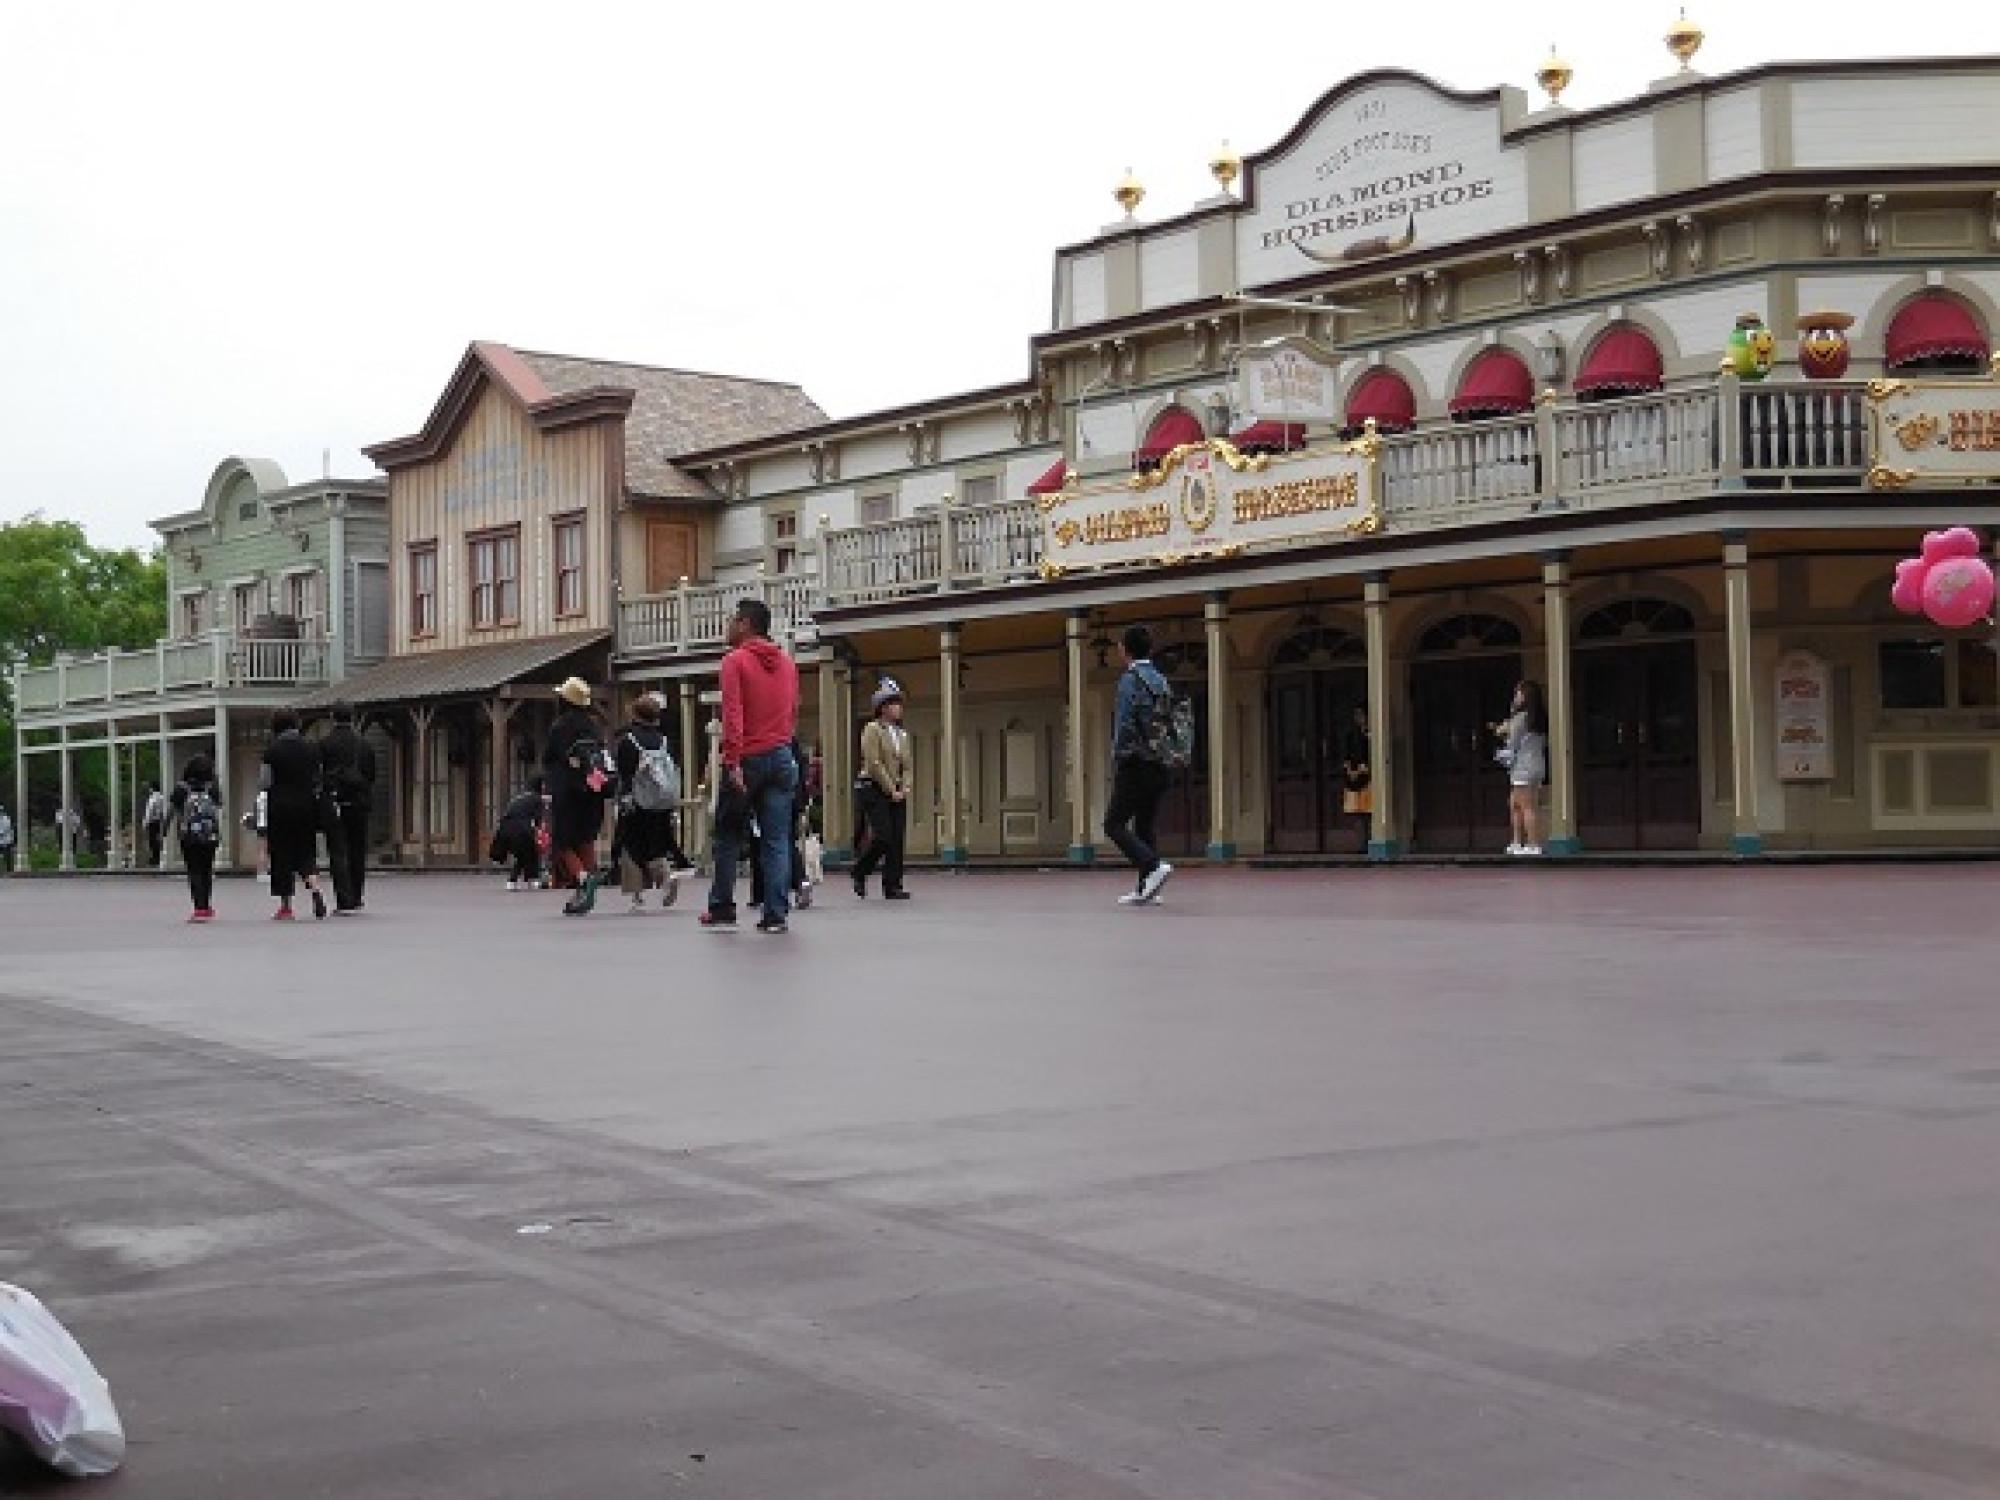 ダイアモンドホースシューの前です。多くのパレードはこのあたりにキャラクターが止まることがあります。